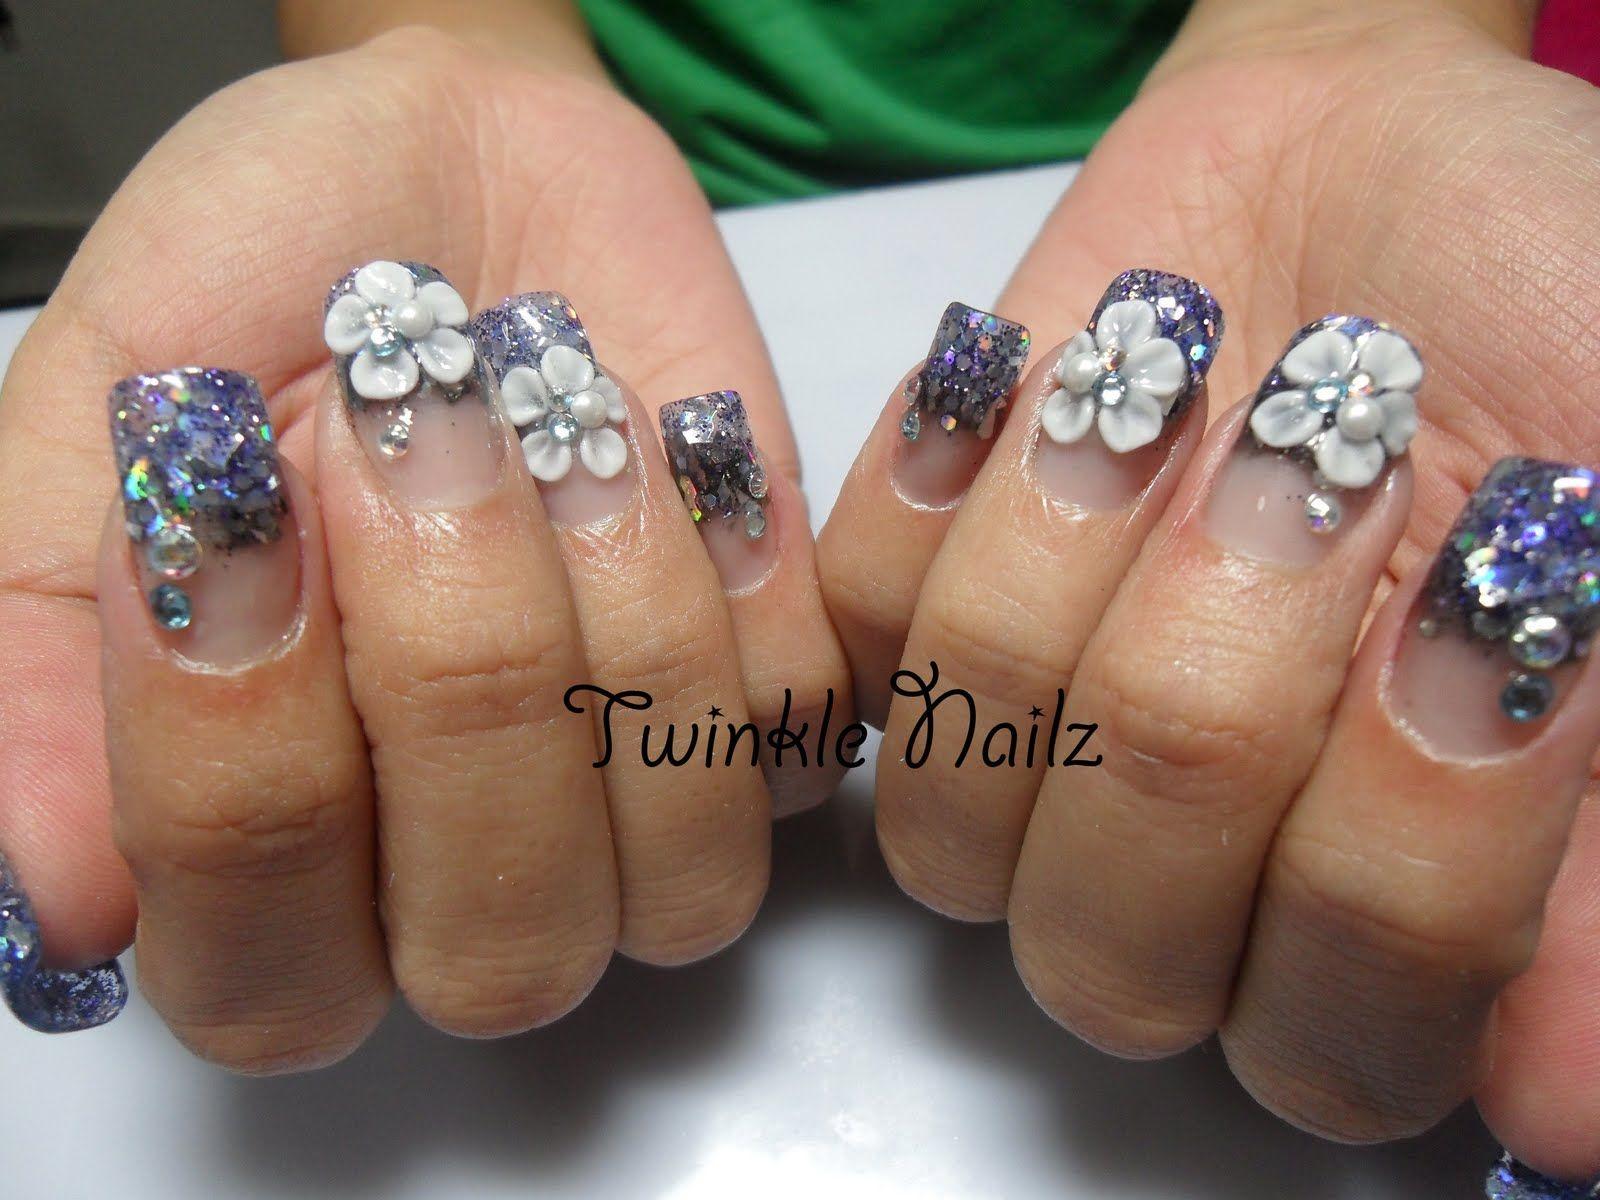 Acrylic nail art 3d acrylic nails inlay nail art by twinkel acrylic nail art 3d acrylic nails inlay nail art by twinkel nailz prinsesfo Gallery